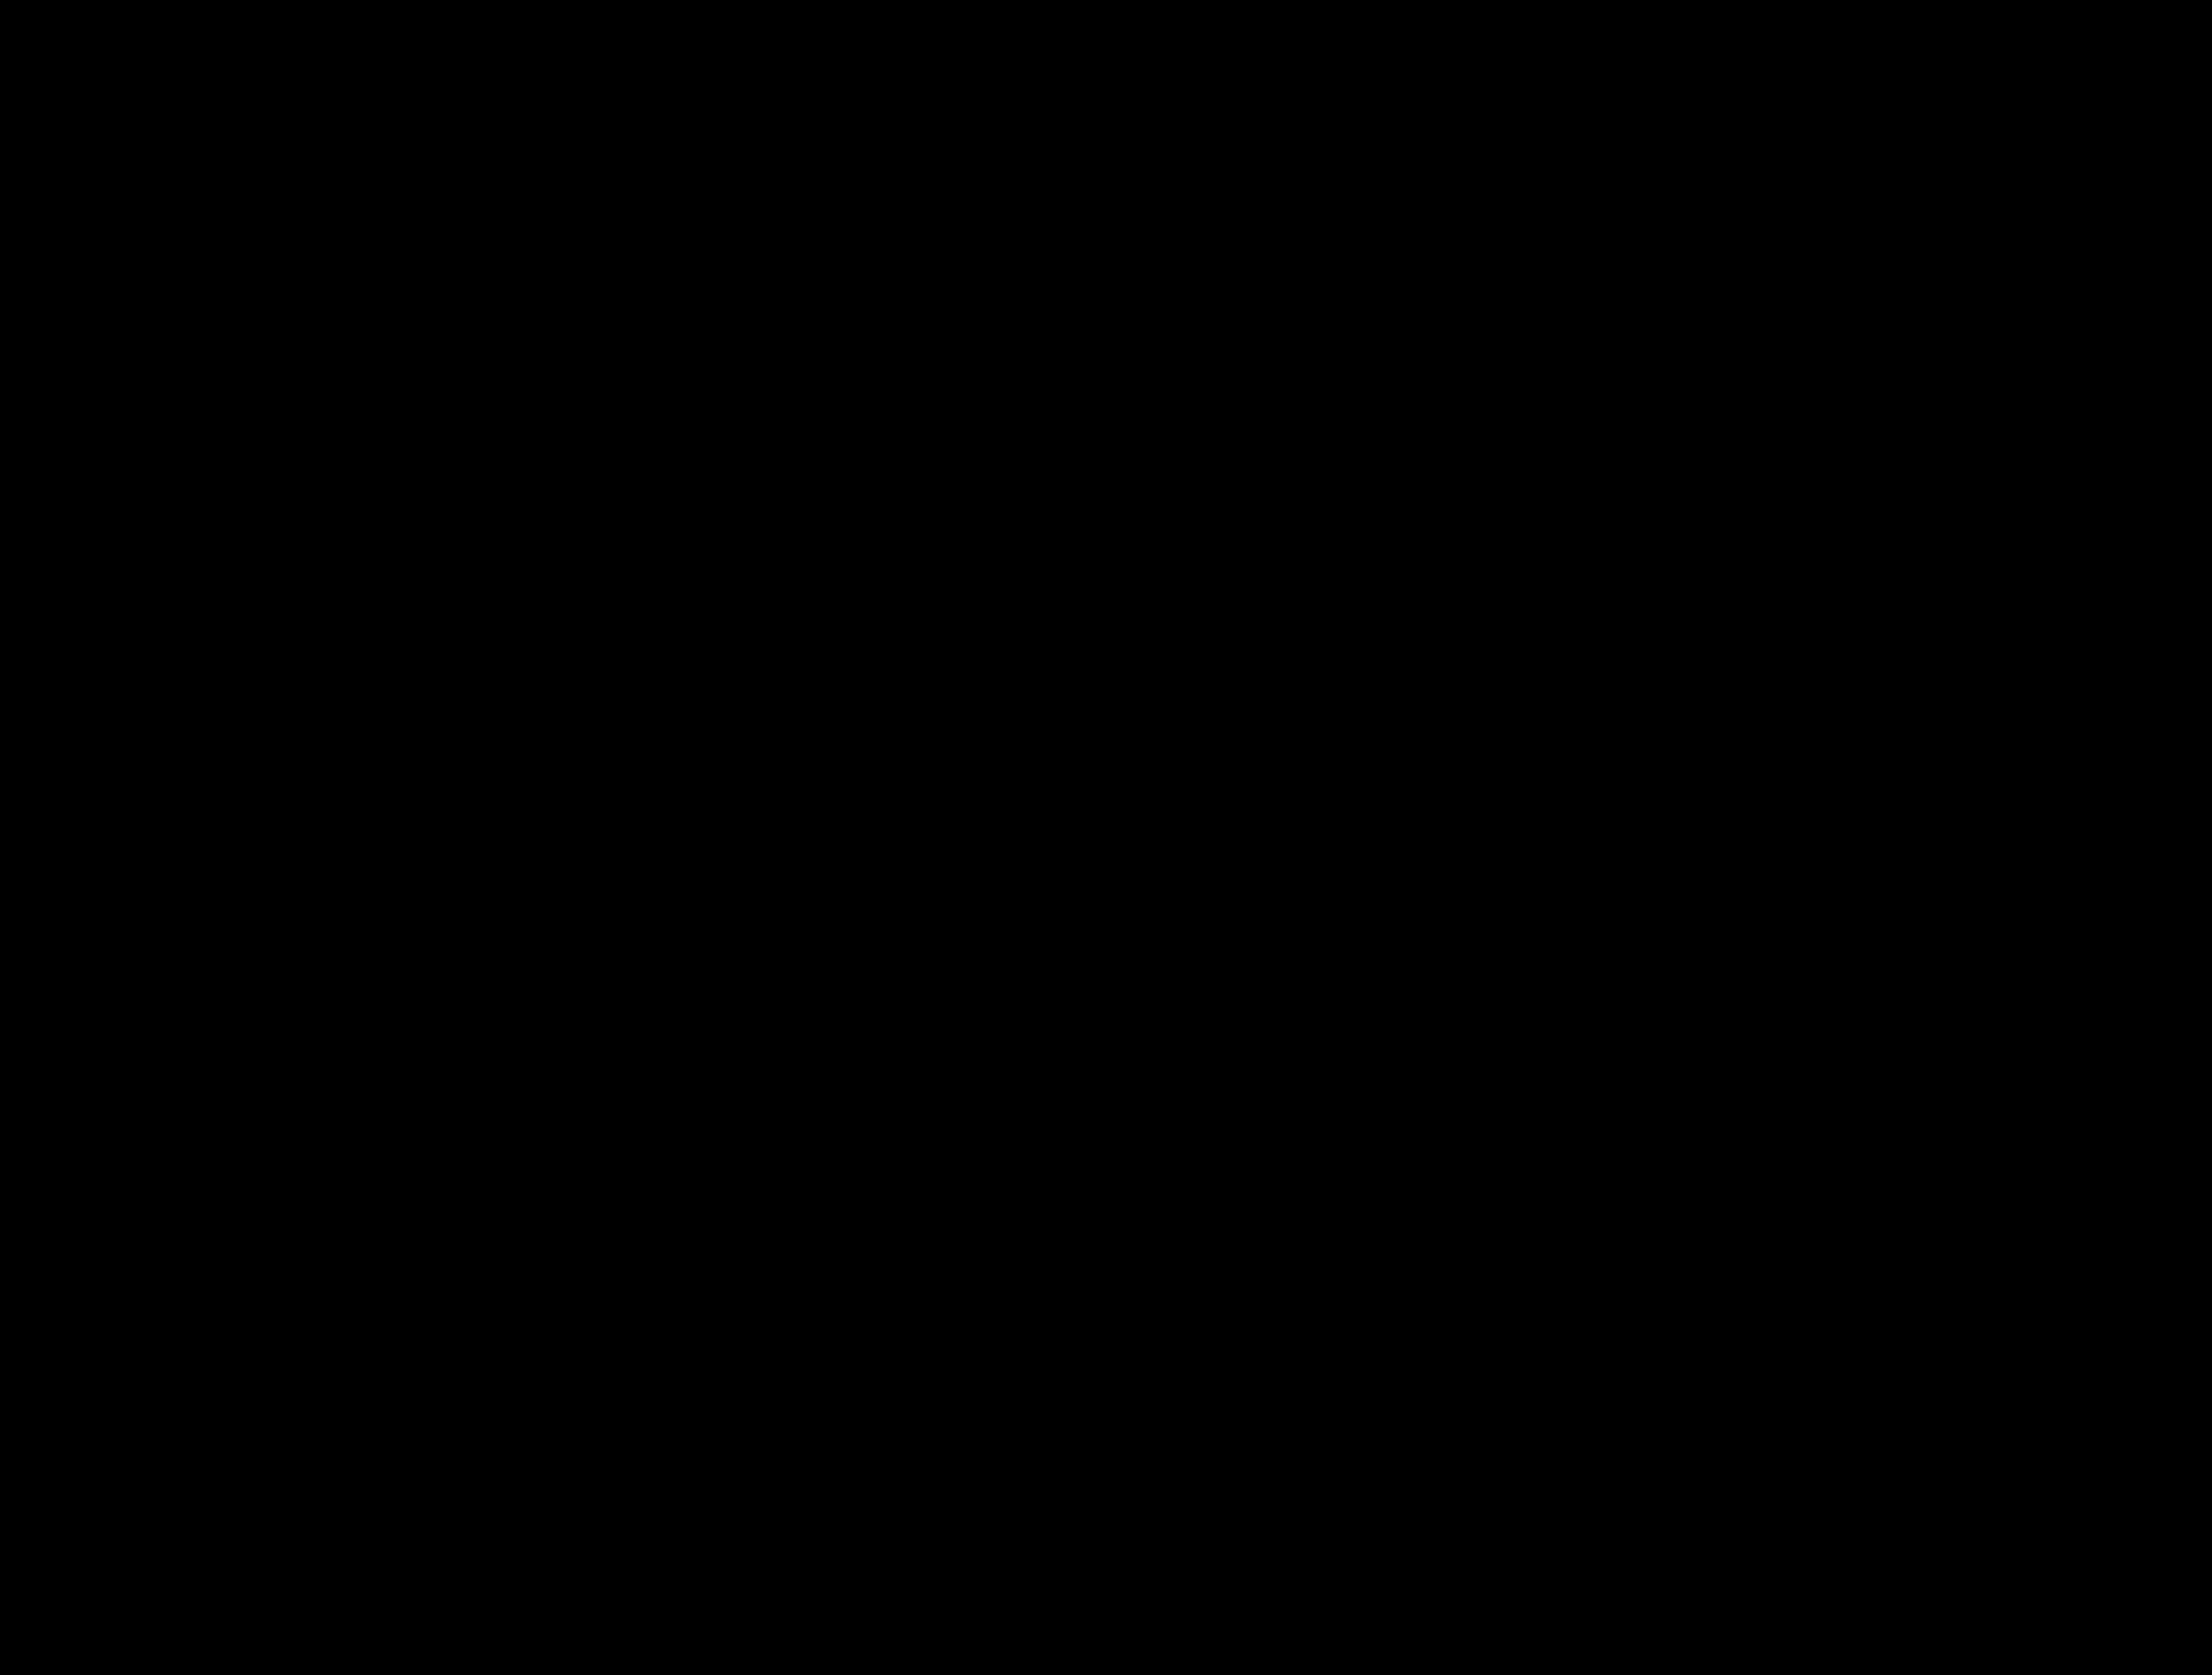 Washington Secretary Of State Legacy Washington Washington - Map of state of washington